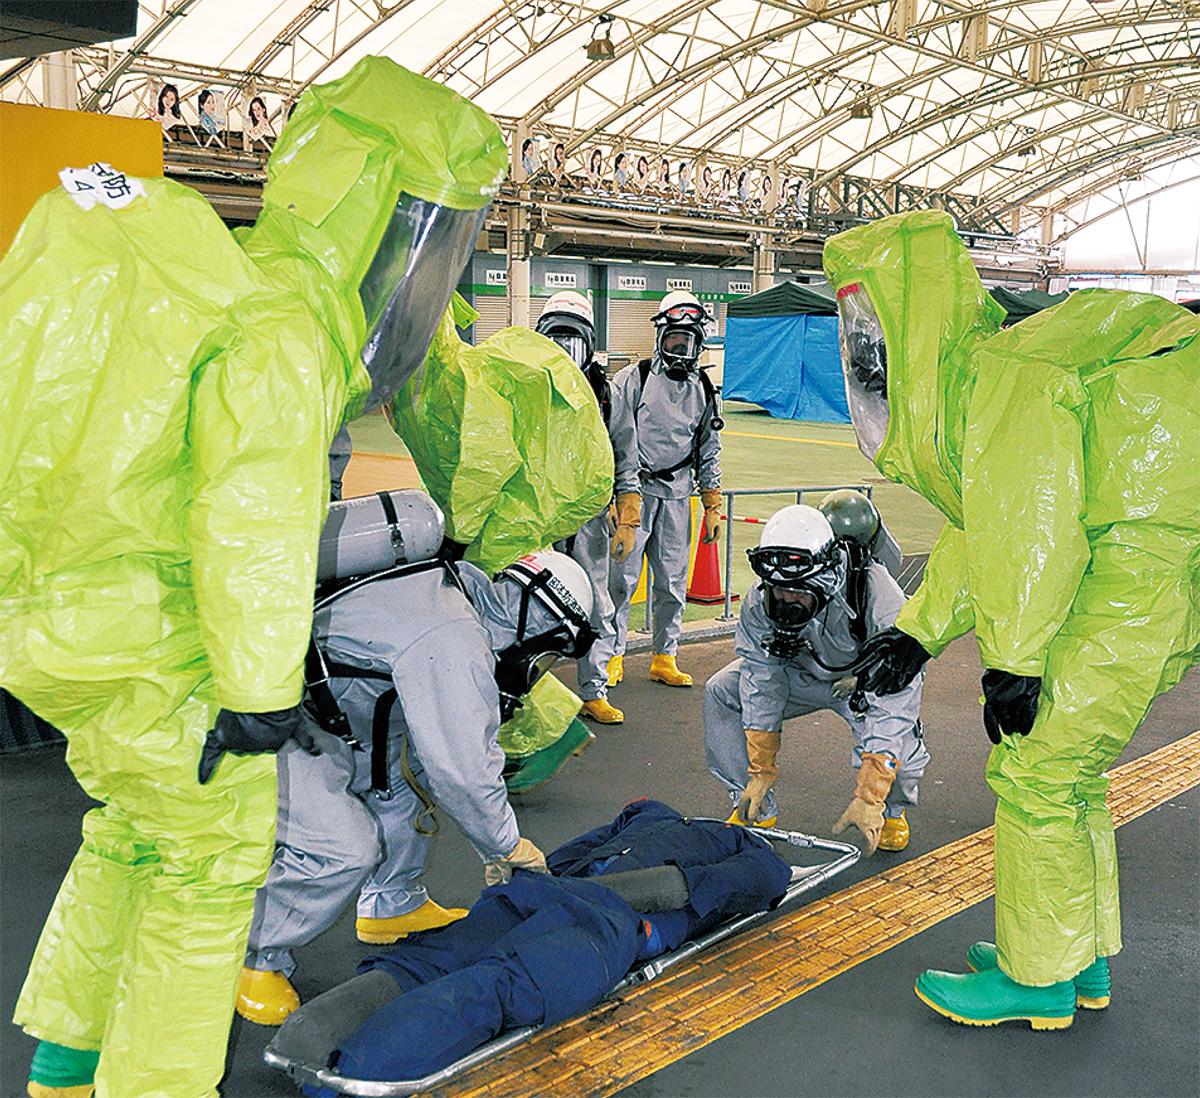 競輪場で化学テロ訓練